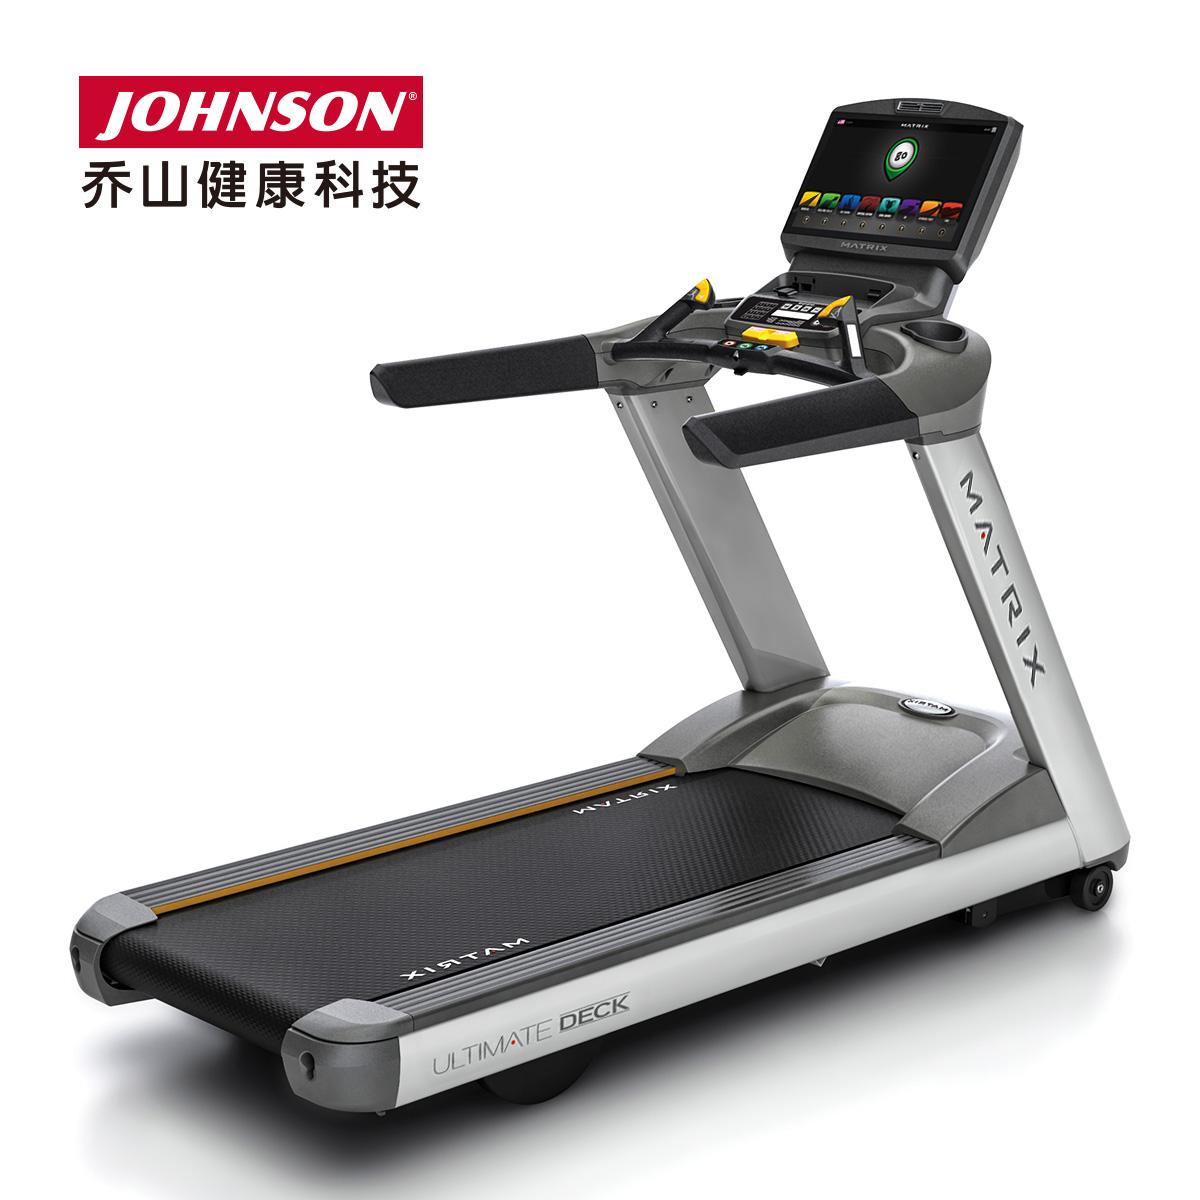 Johnson美國喬山IC7 商用動感單...